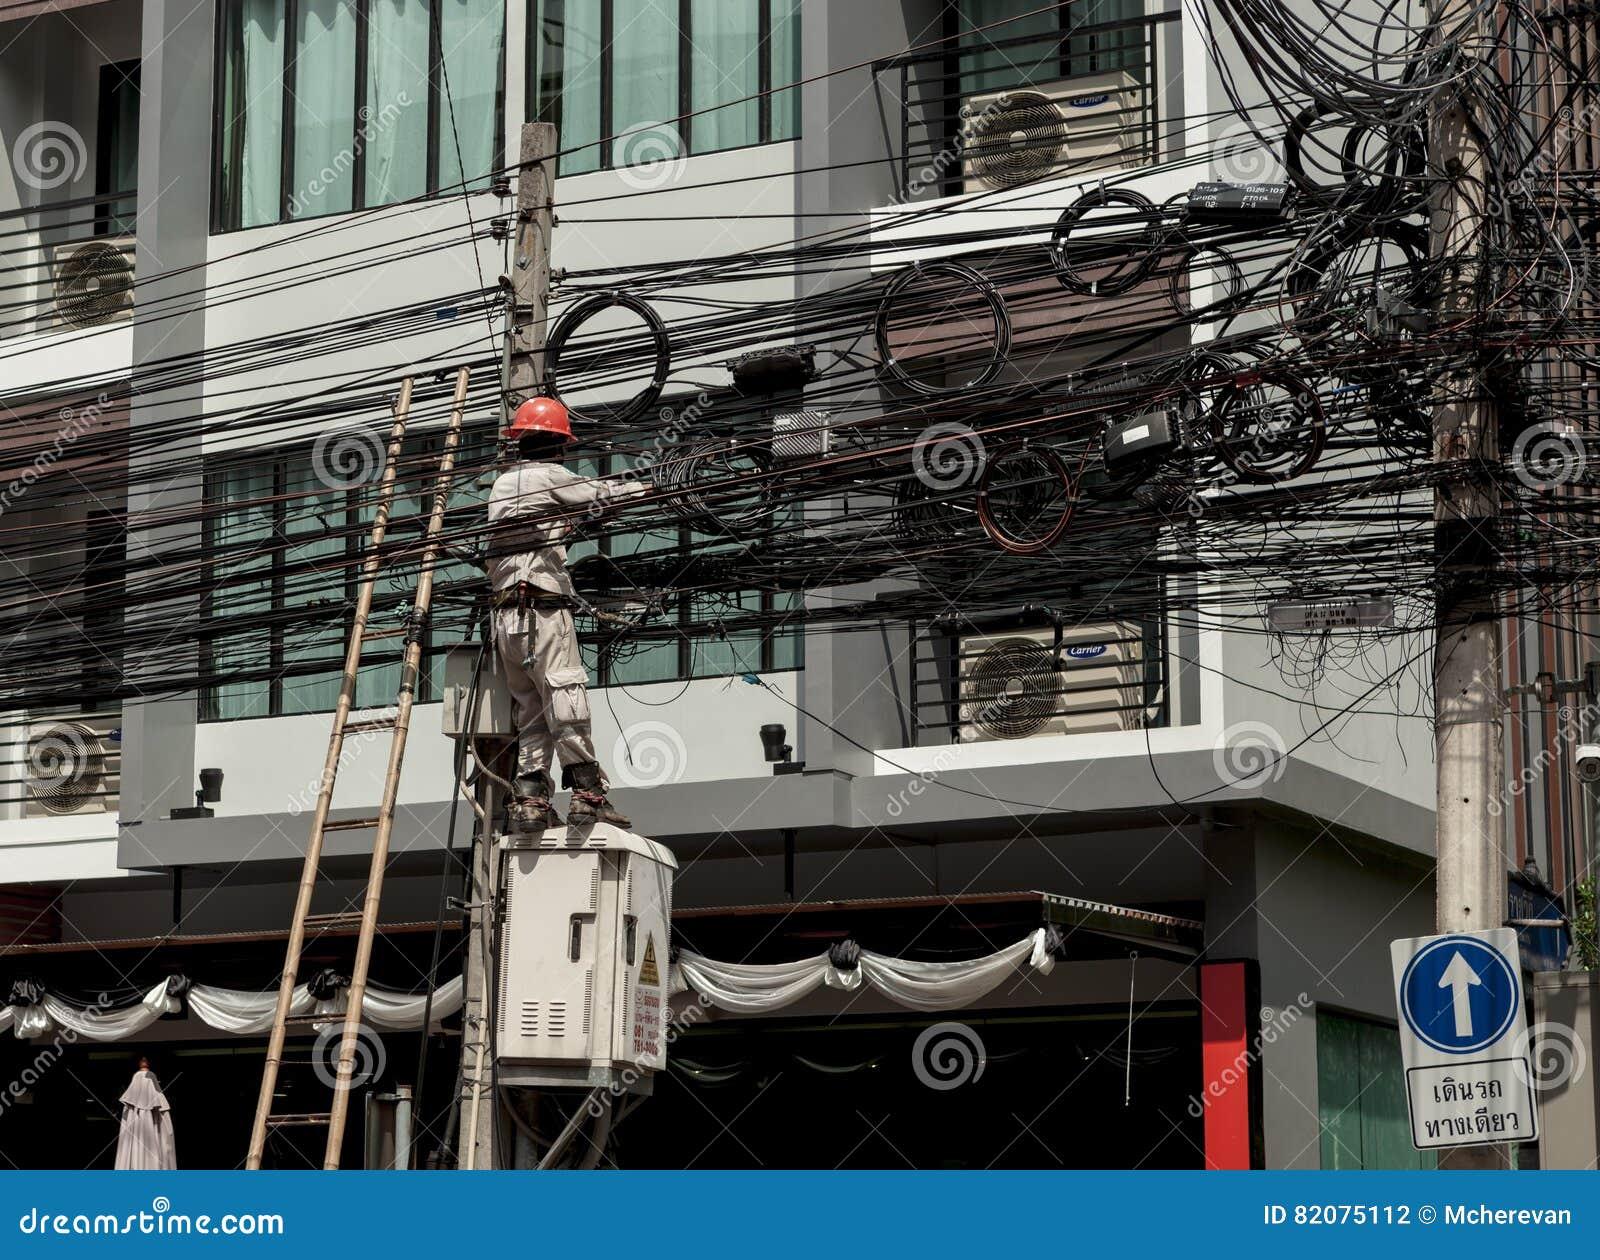 Fantastisch Elektrische Verdrahtung Australiens Galerie - Die Besten ...